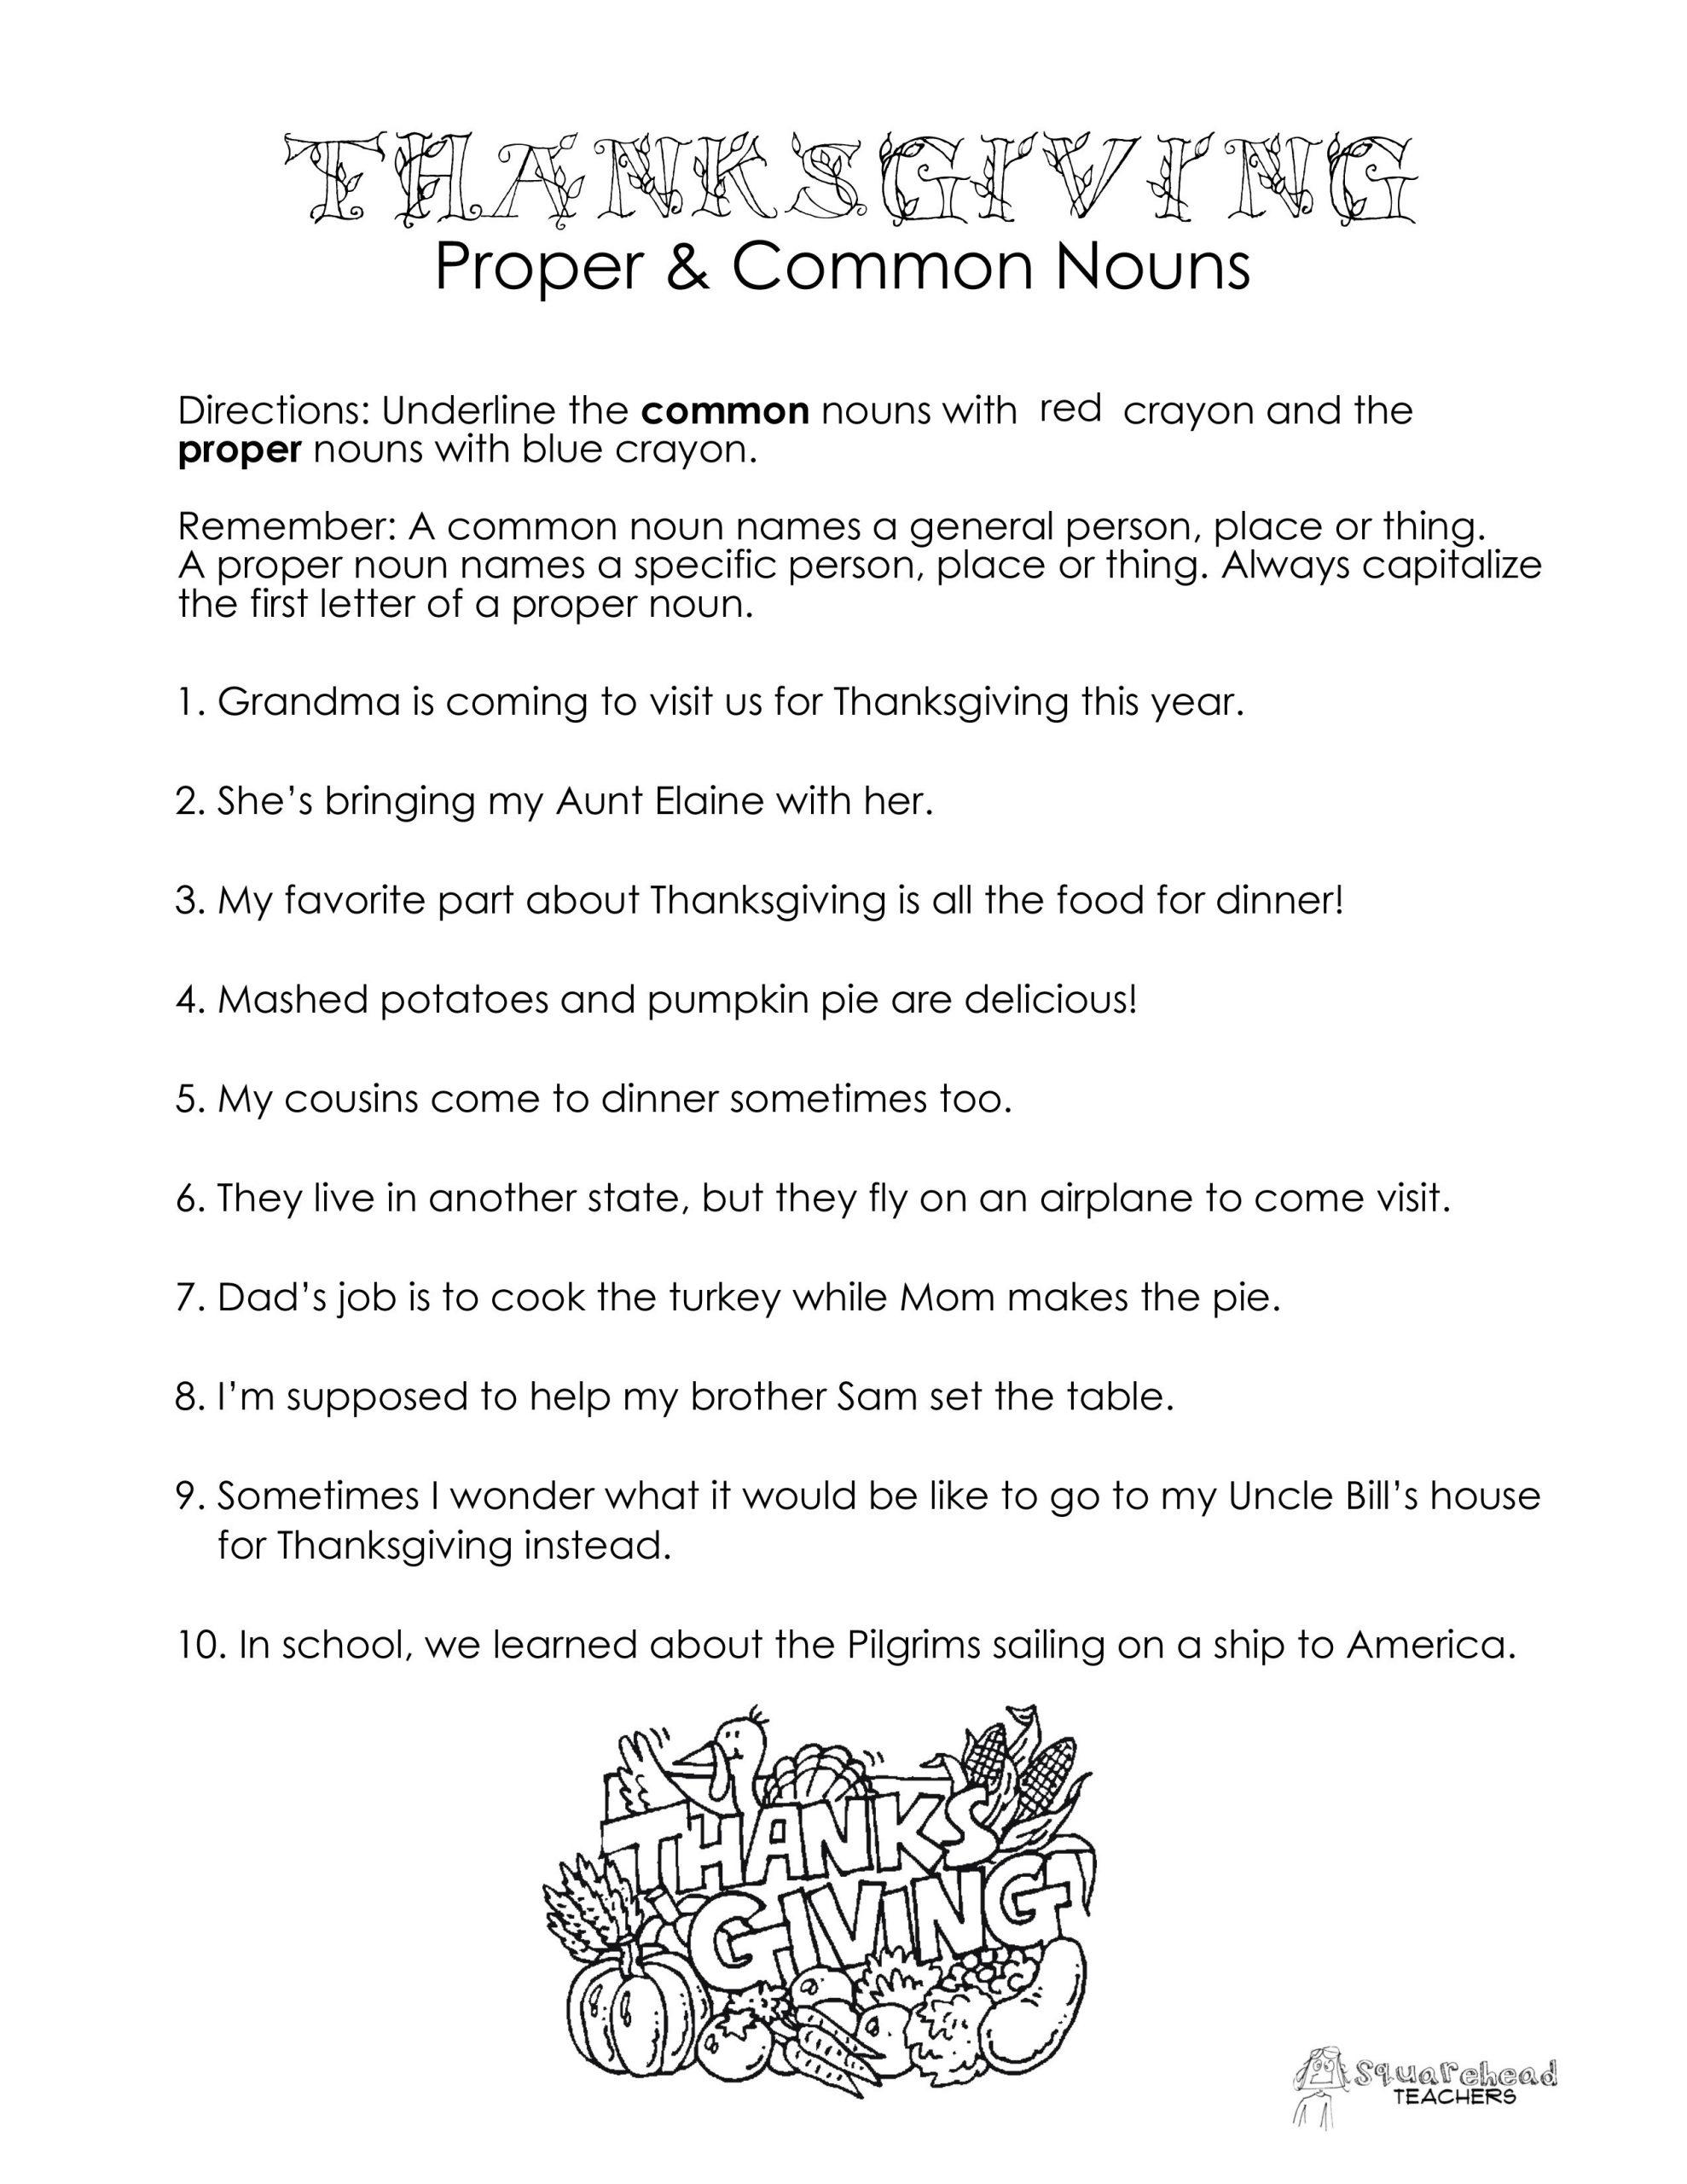 Proper Nouns Worksheet 2nd Grade Thanksgiving Mon Vs Proper Nouns Worksheet